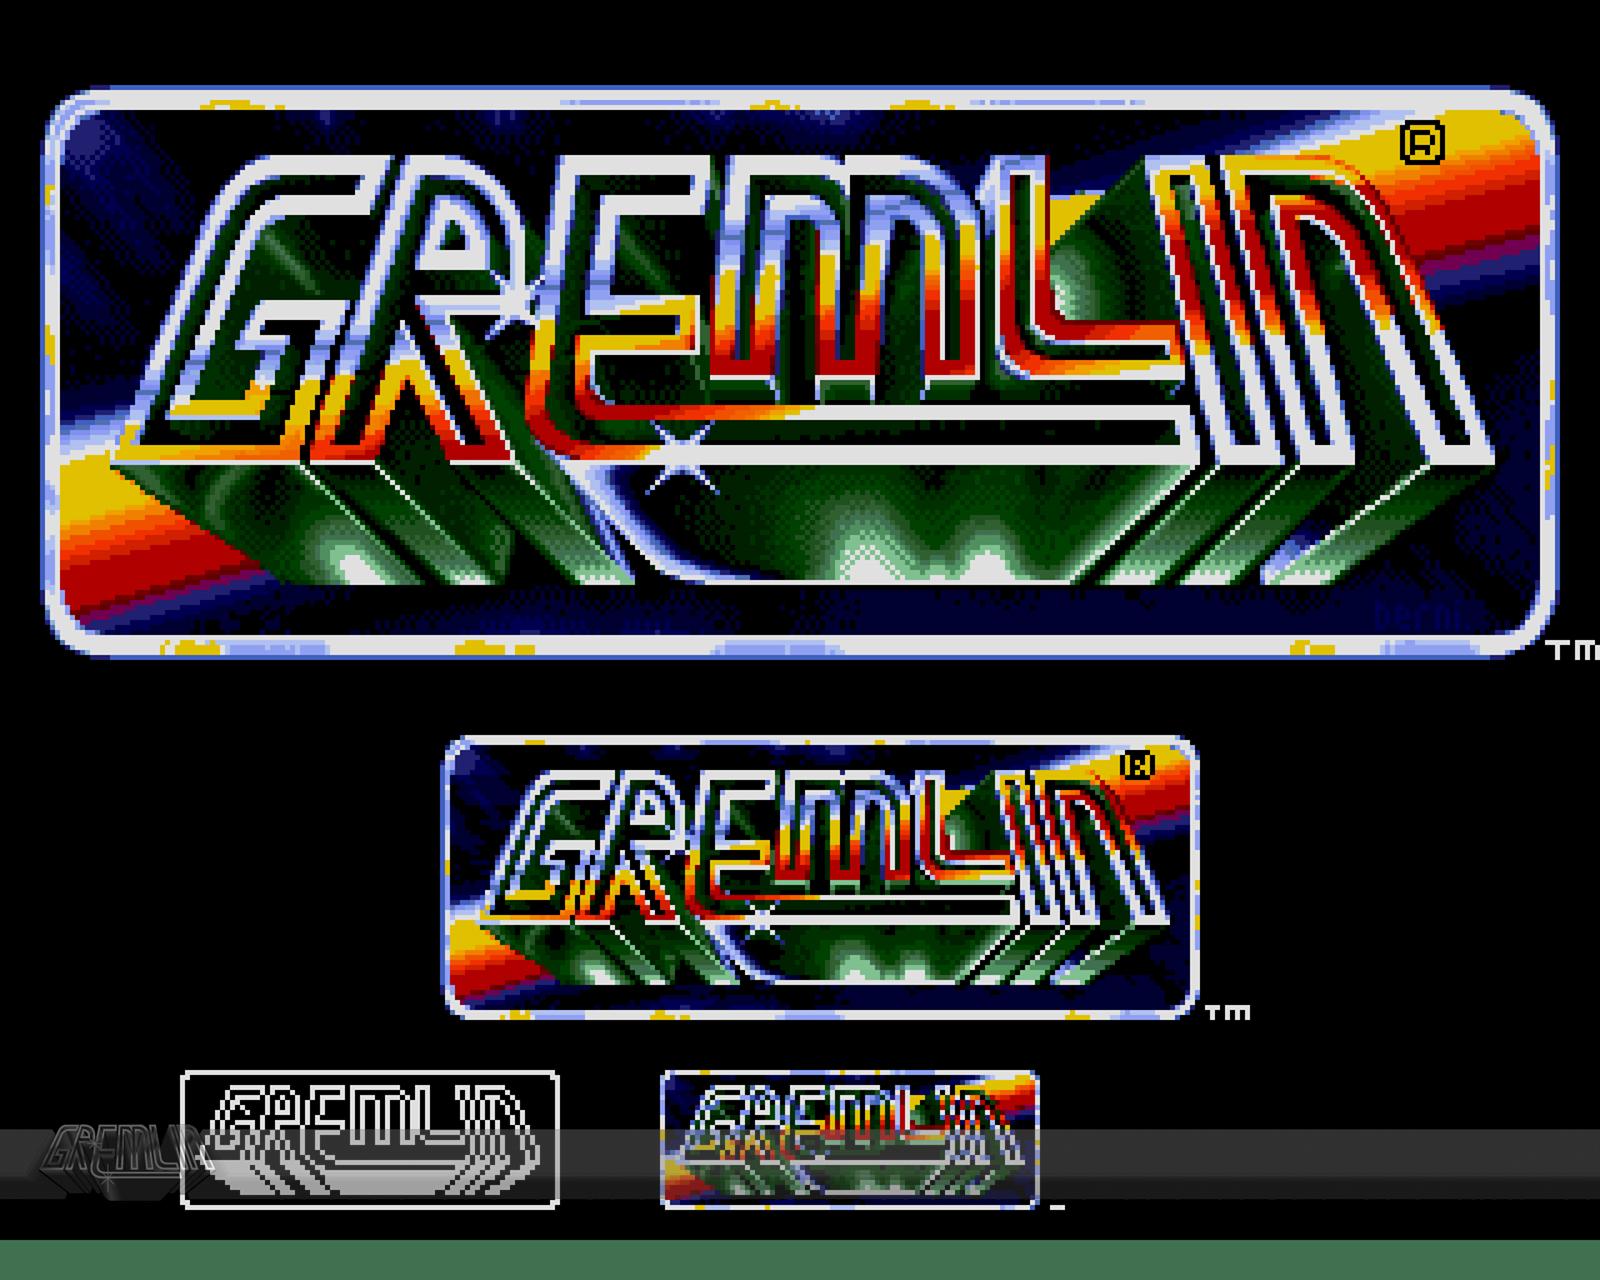 Commodore Amiga Gremlin Logos